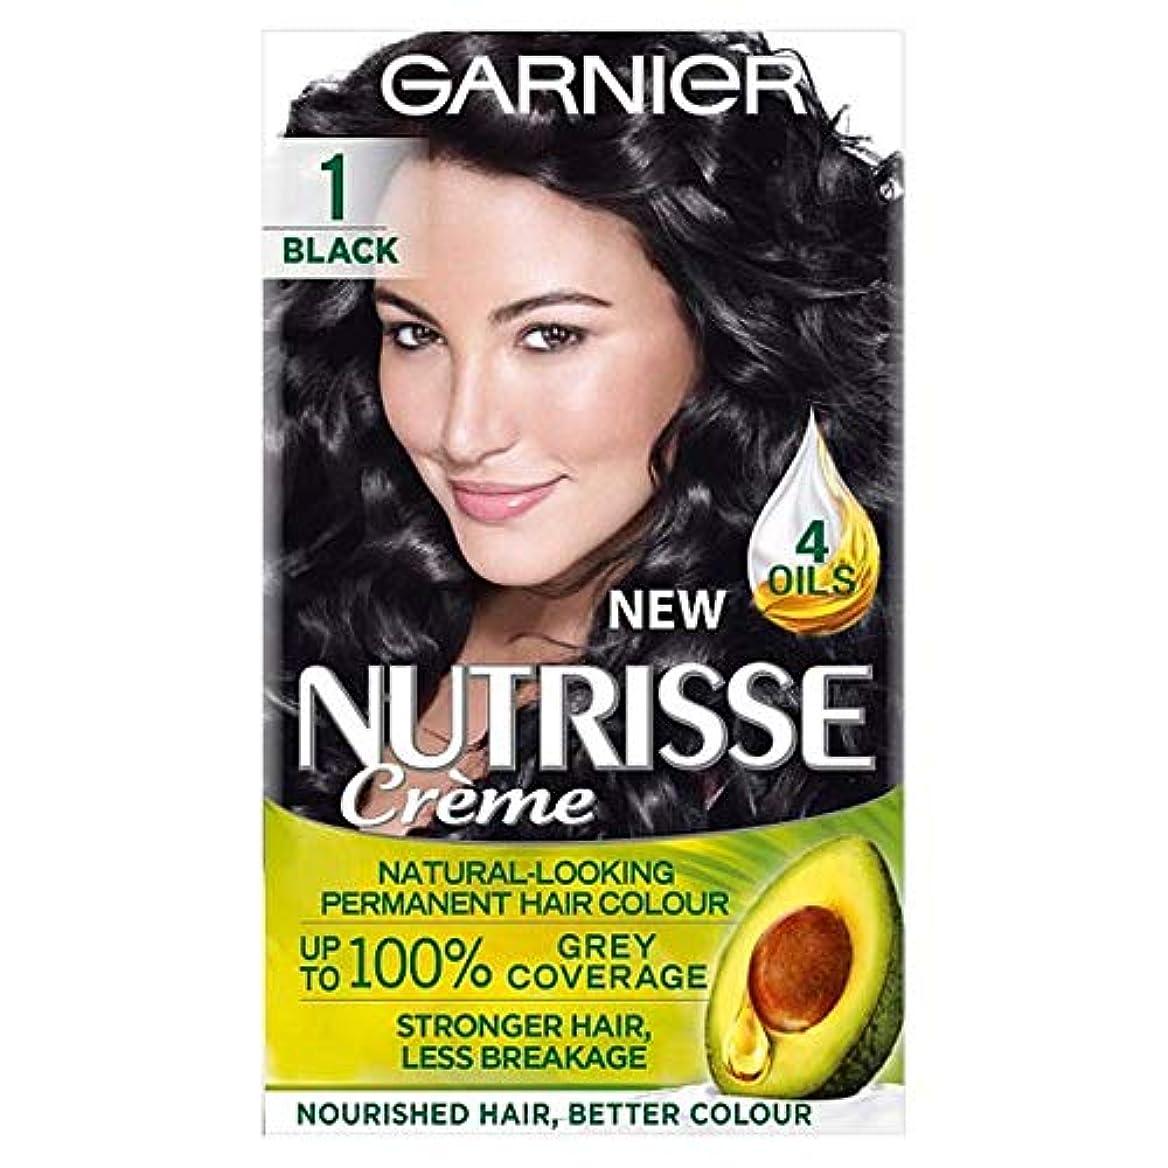 韻均等にビリー[Nutrisse] ガルニエNutrisse 1黒のパーマネントヘアダイ - Garnier Nutrisse 1 Black Permanent Hair Dye [並行輸入品]